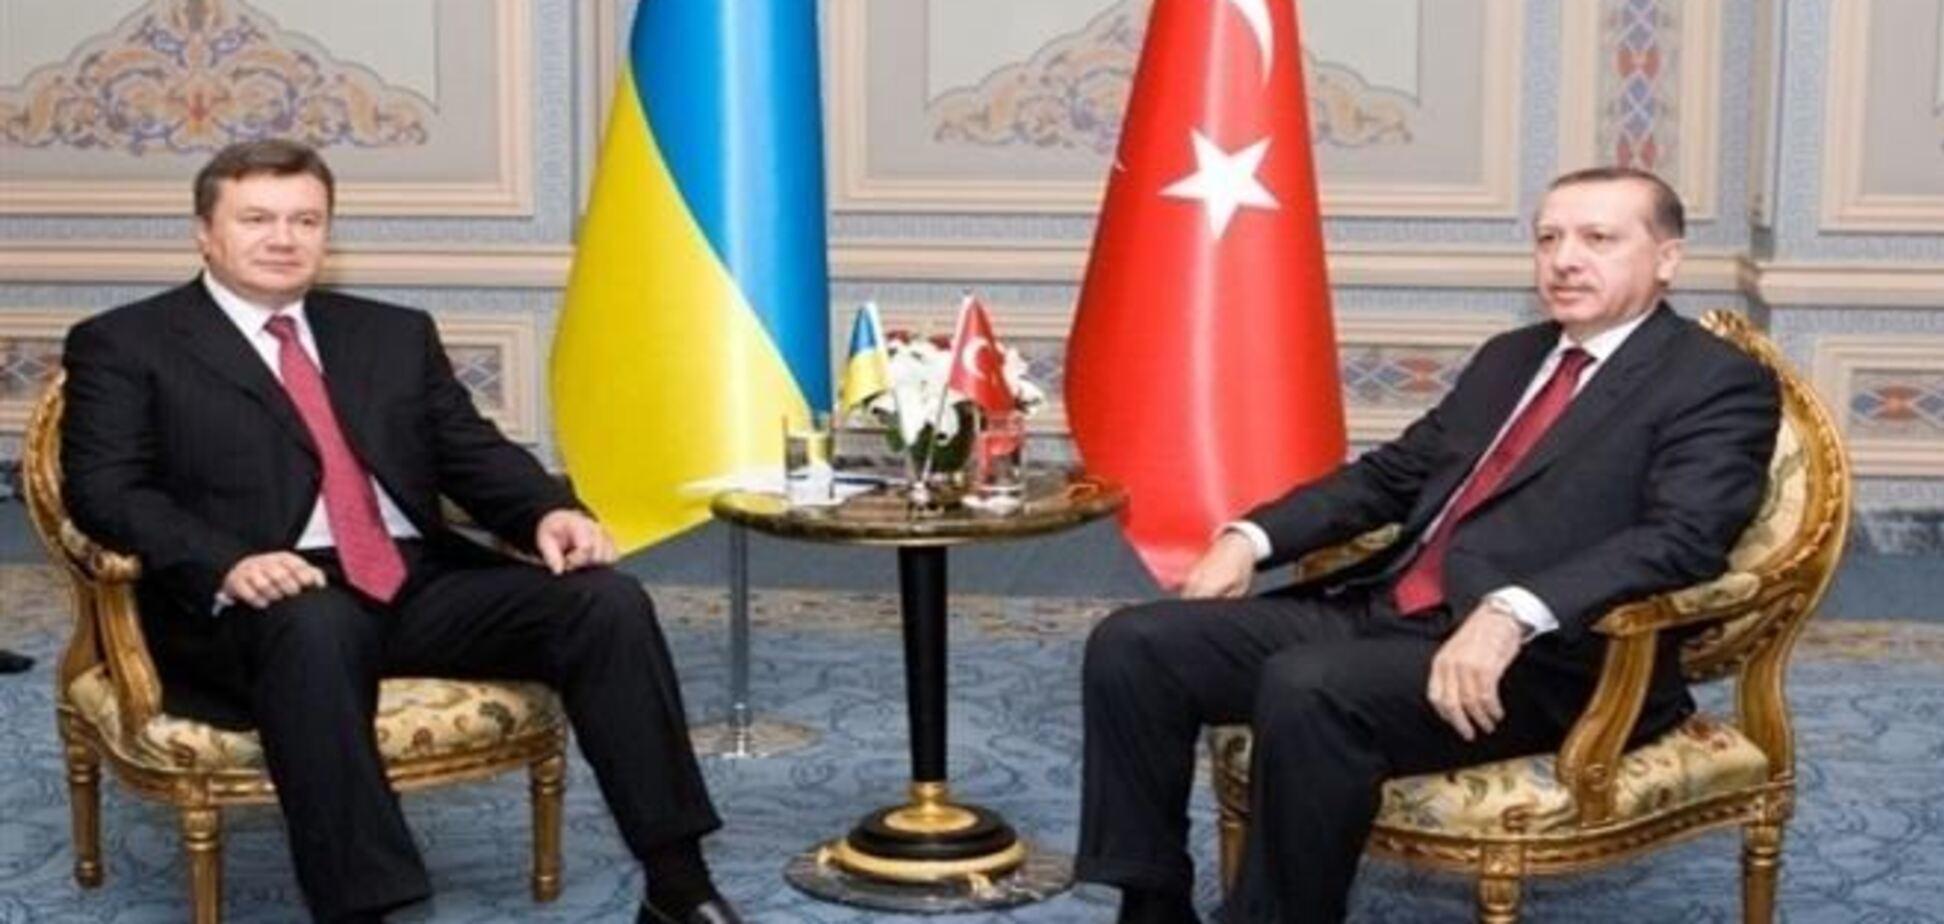 Украина и Турция: взаимный интерес